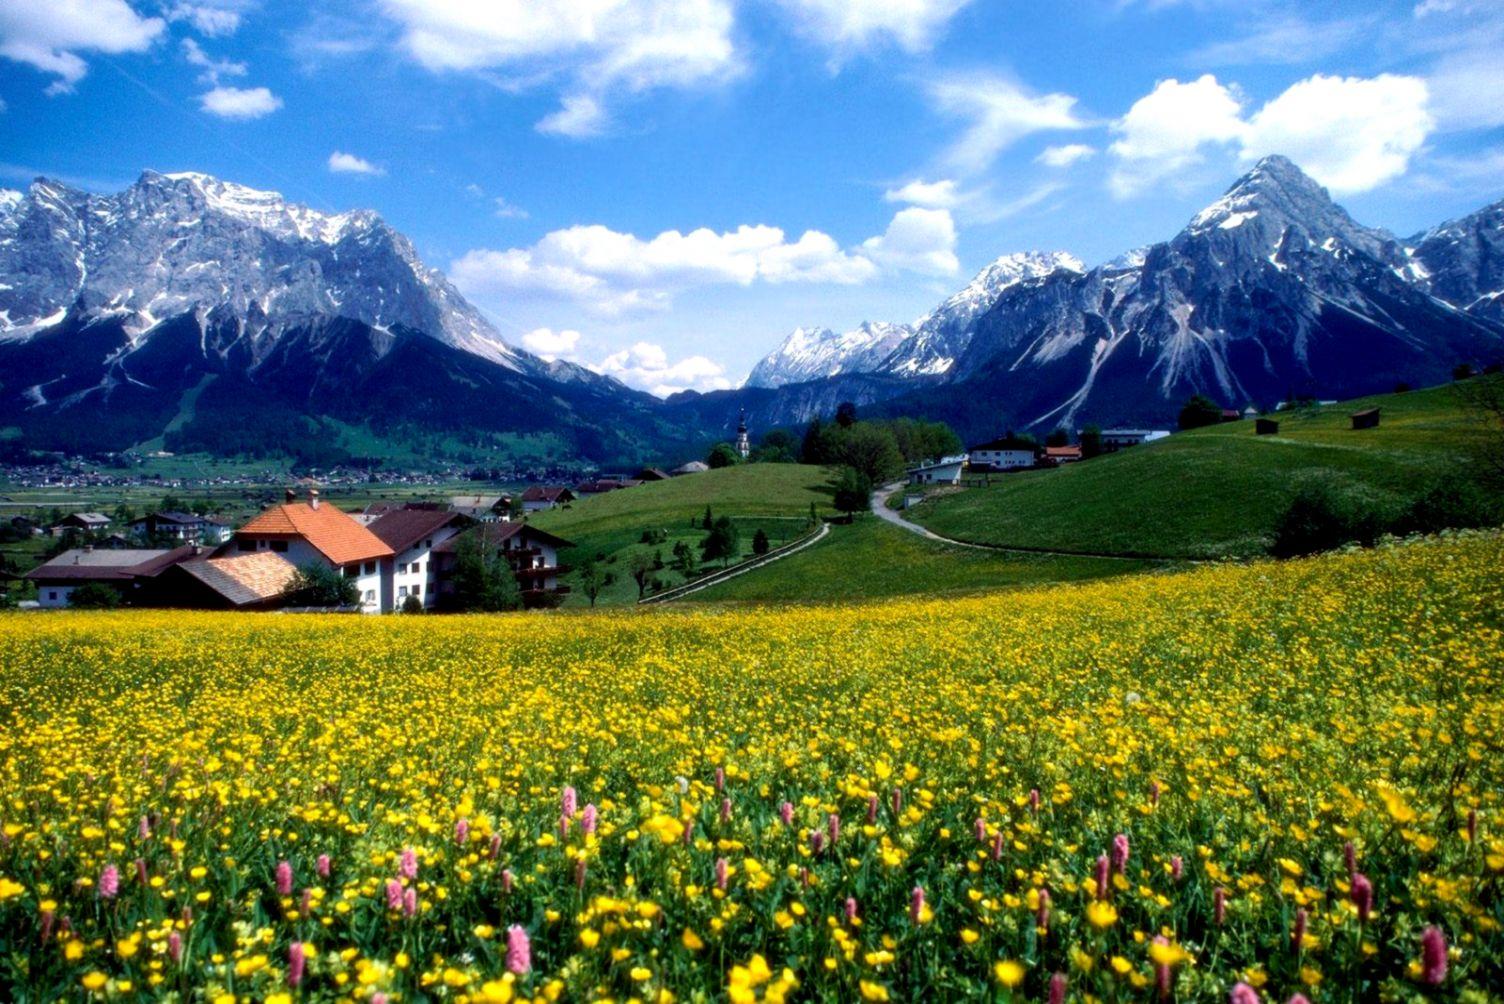 Fields Flowers Field Landscape Mountains Houses Beautiful